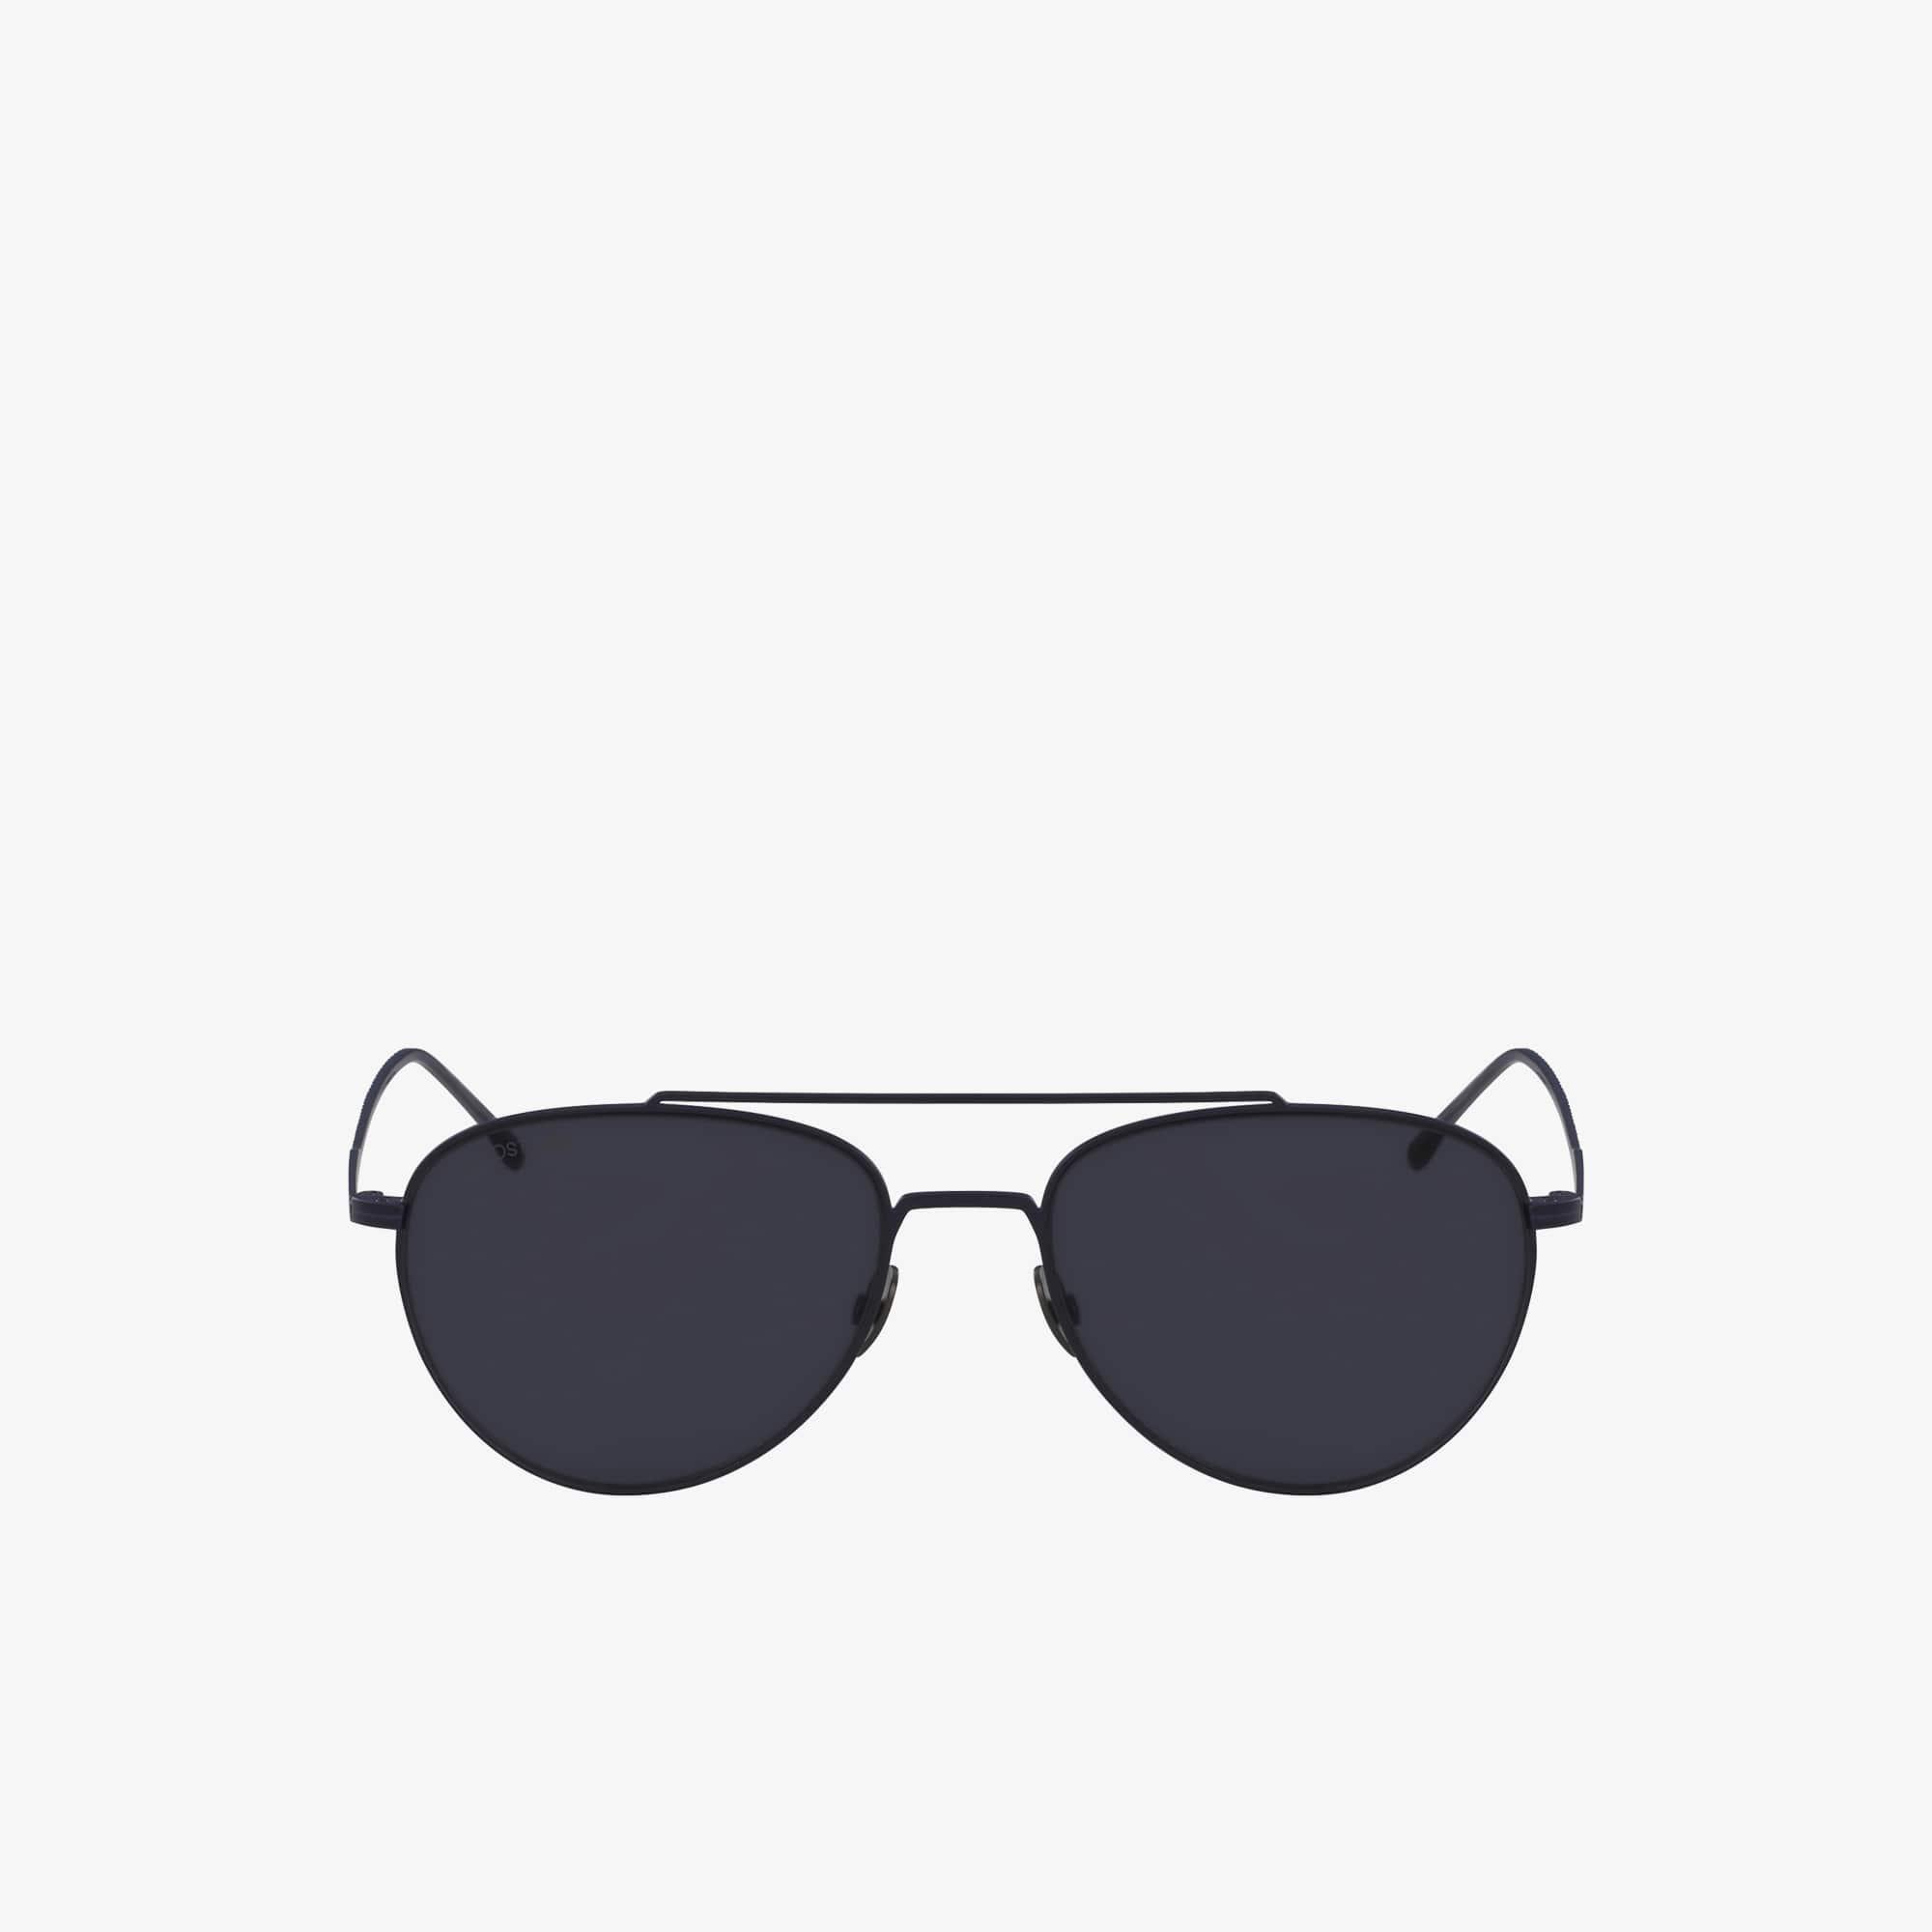 Piloten-Sonnenbrille mit extradünnem Metallrahmen